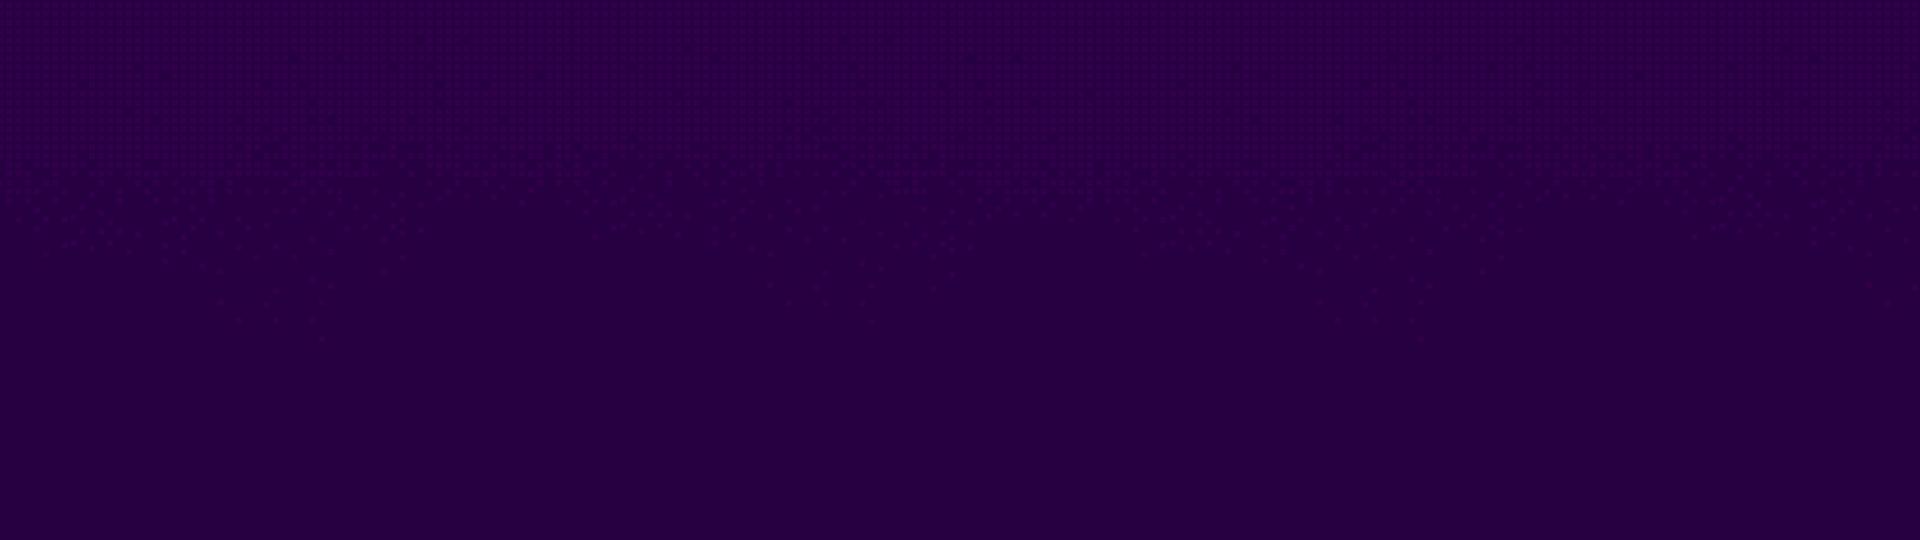 CATEGORY-BILG-TEKNOLOJIPAZARIHALKGUNUDEVINDIRIM-20-02